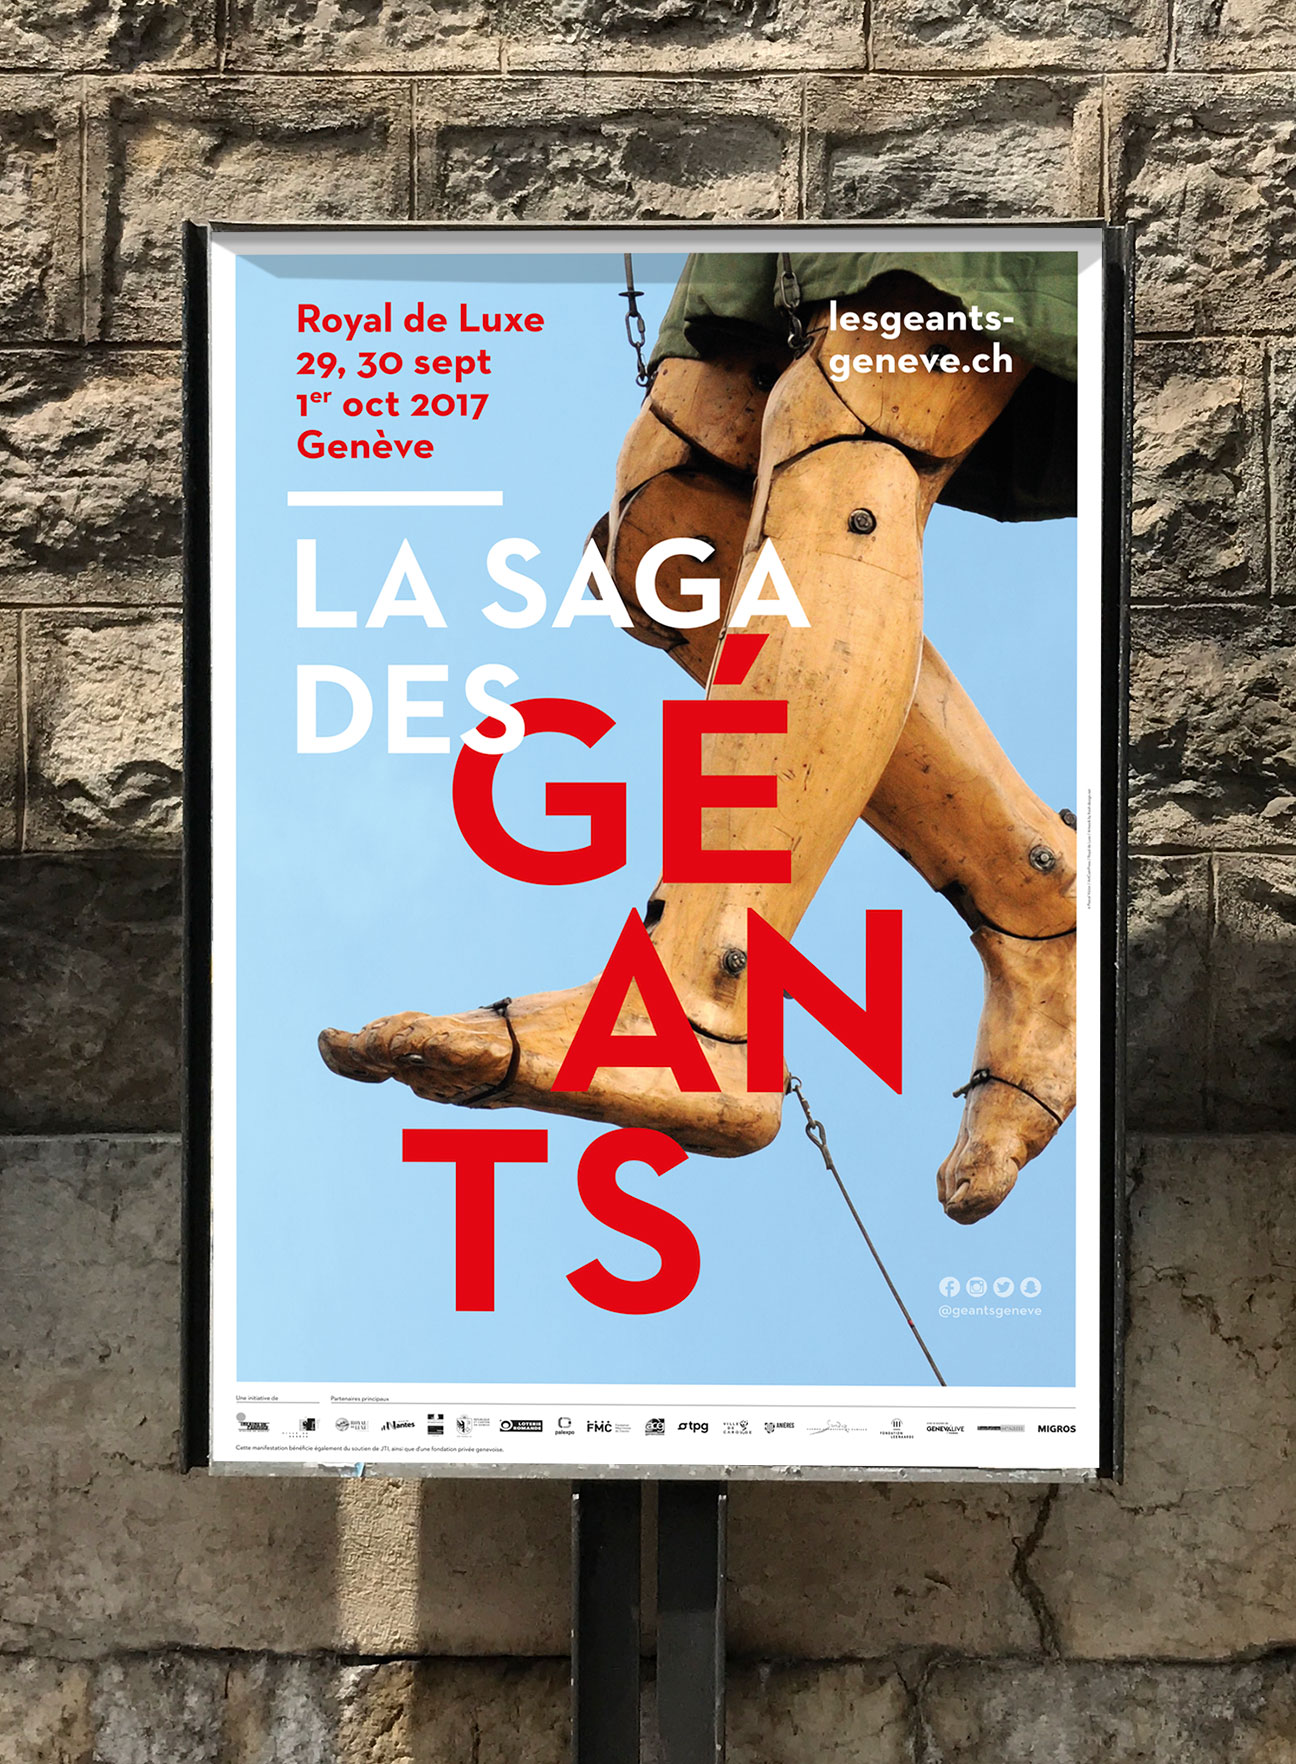 Réalisation d'une série d'affiches artistiques, très garphiques, pour les Afterworks du Musée d'Art et d'Histoire de Genève (MAH)